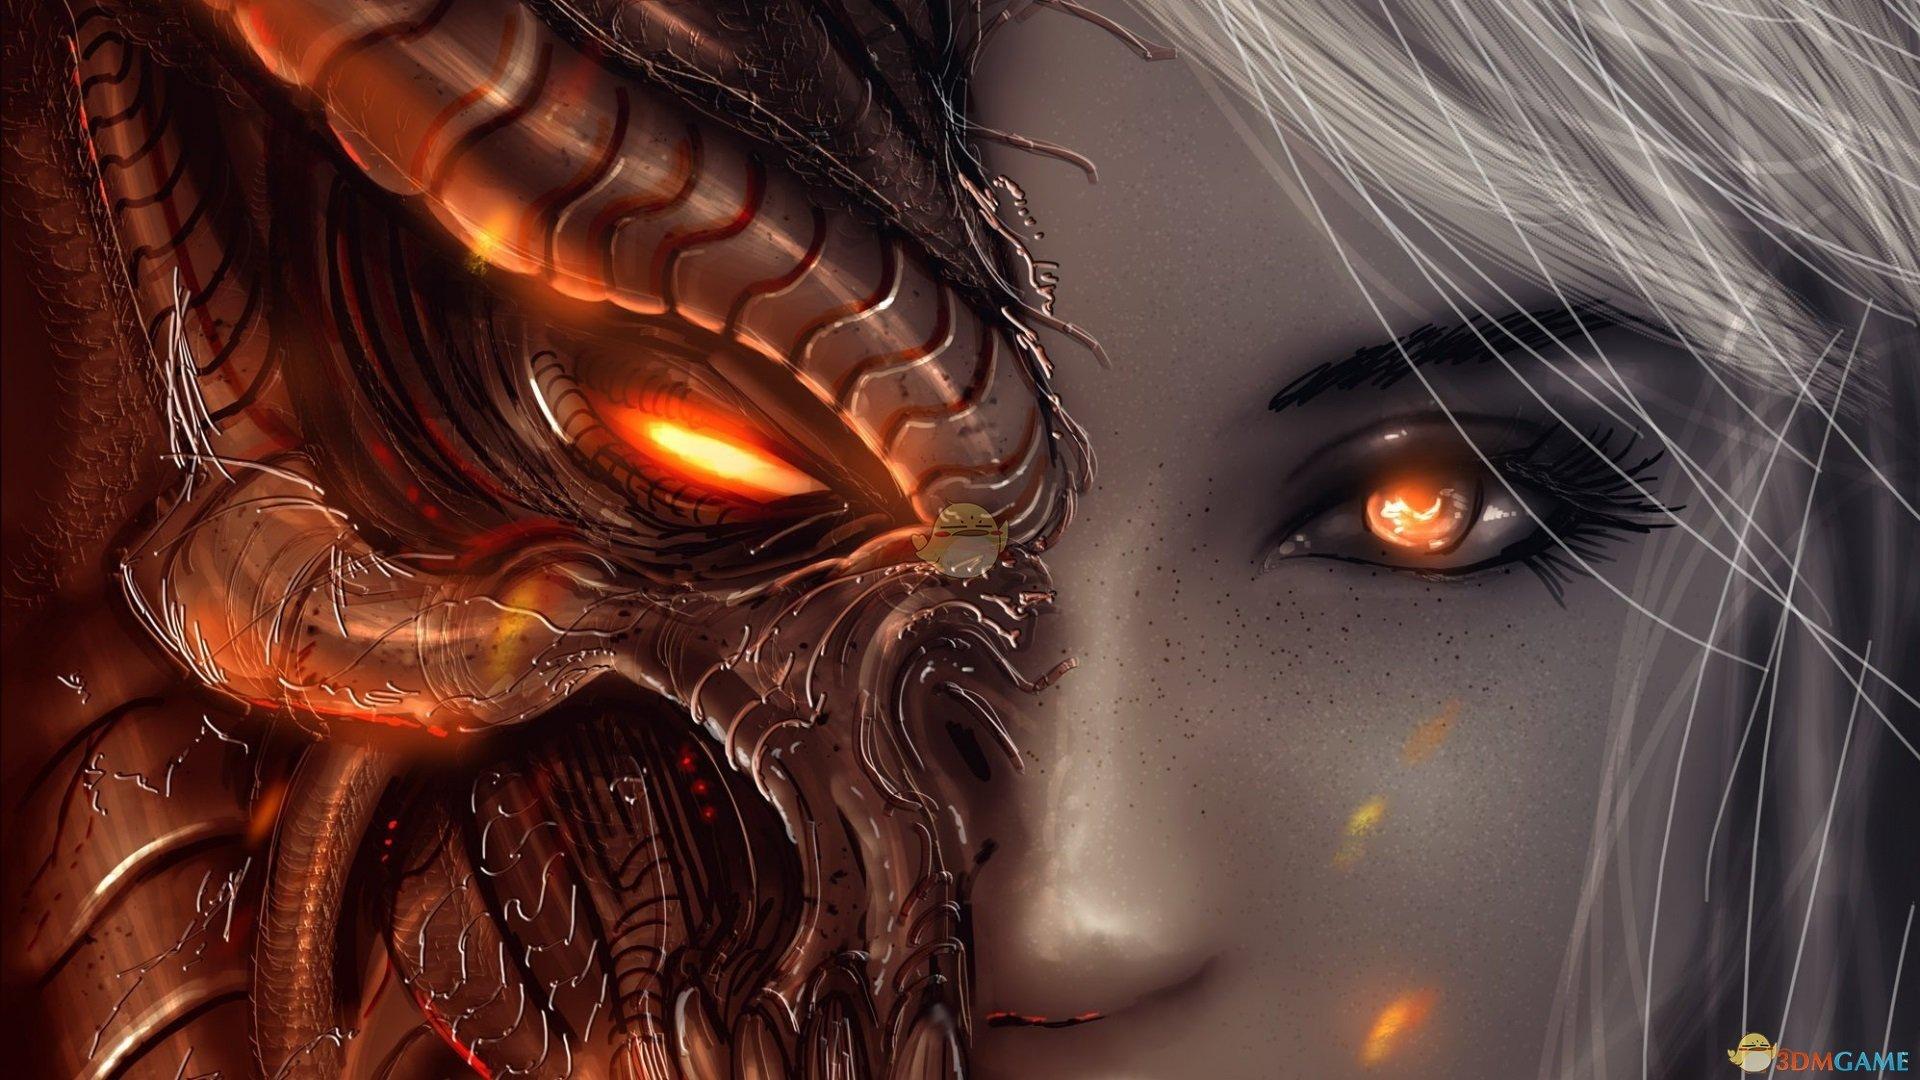 《暗黑破坏神3》第十七赛季魔法师开荒升级装备分析